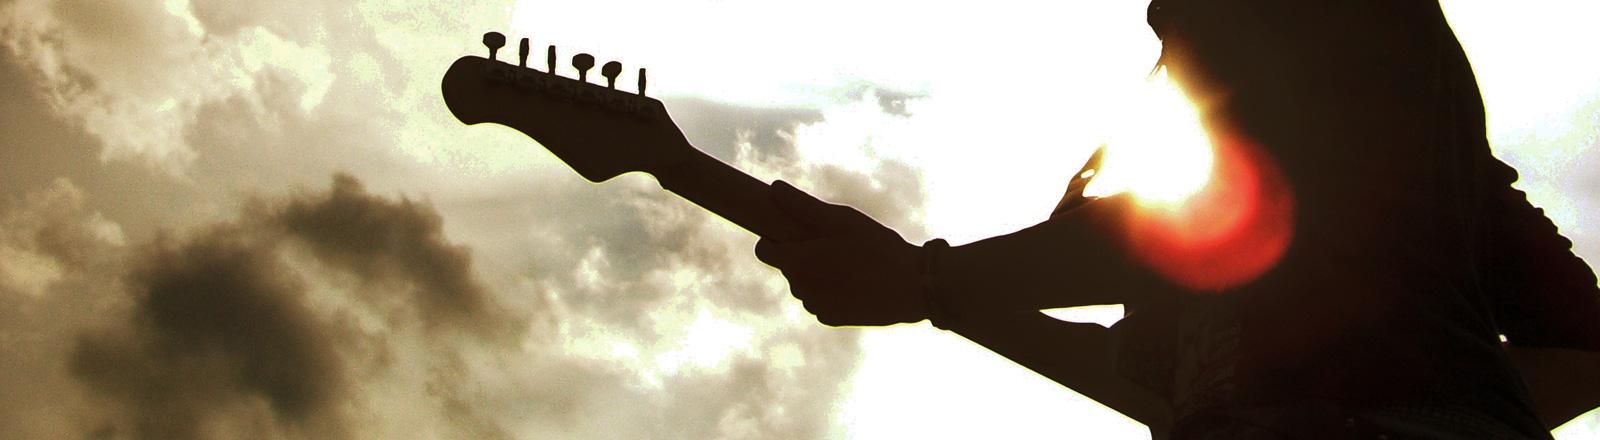 Mann mit Gitarre steht im Sonnenlicht, nur seine Silhouette ist sichtbar.